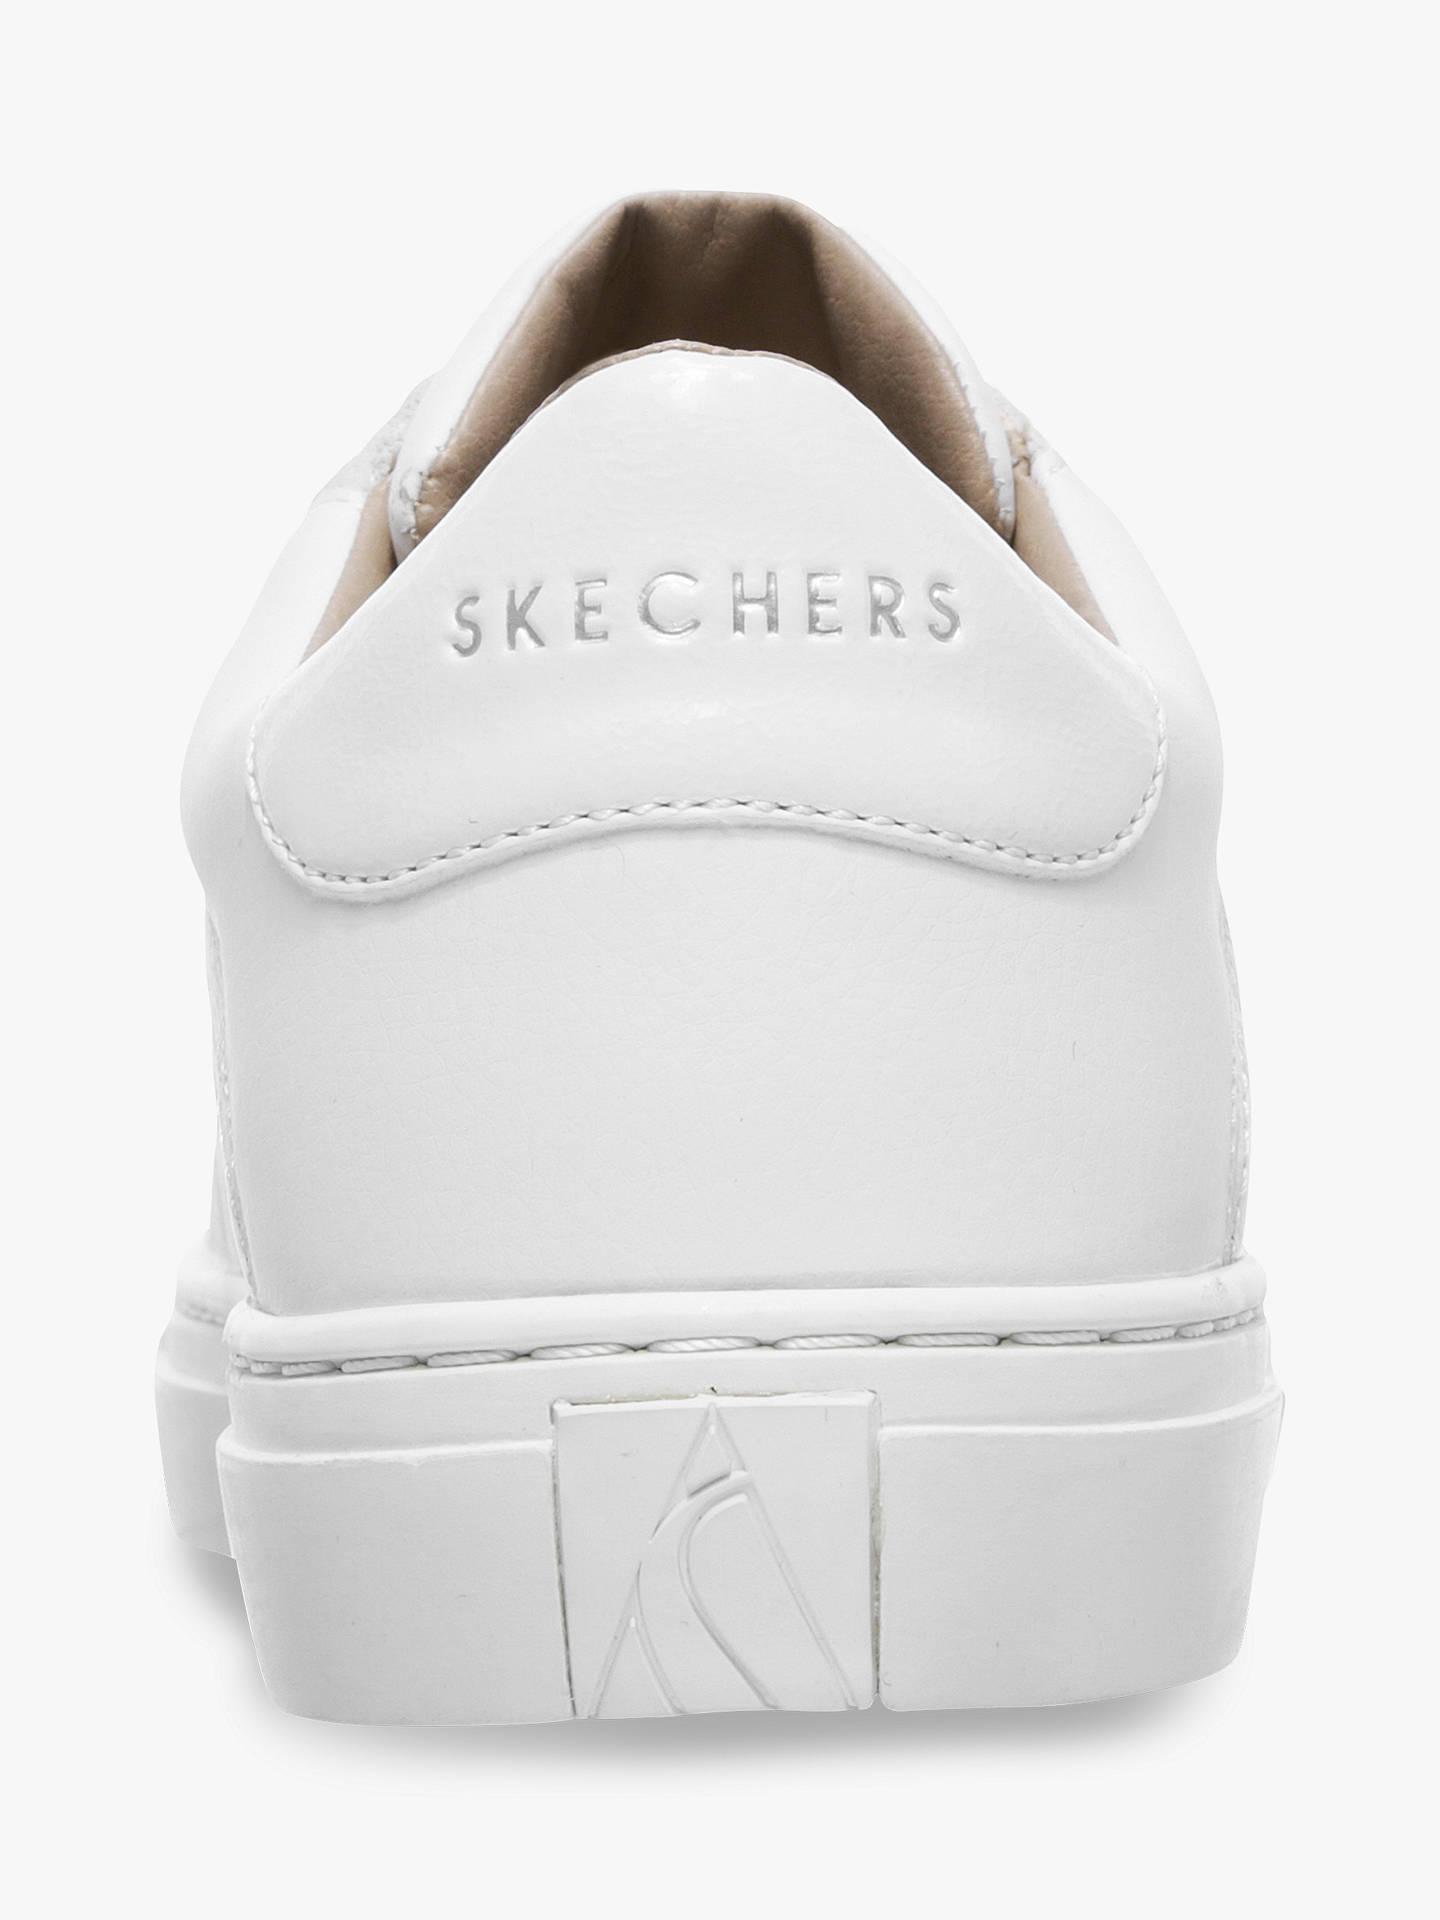 0fe6b70f40b8 ... Buy Skechers Side Street Bling Street Lace Up Trainers